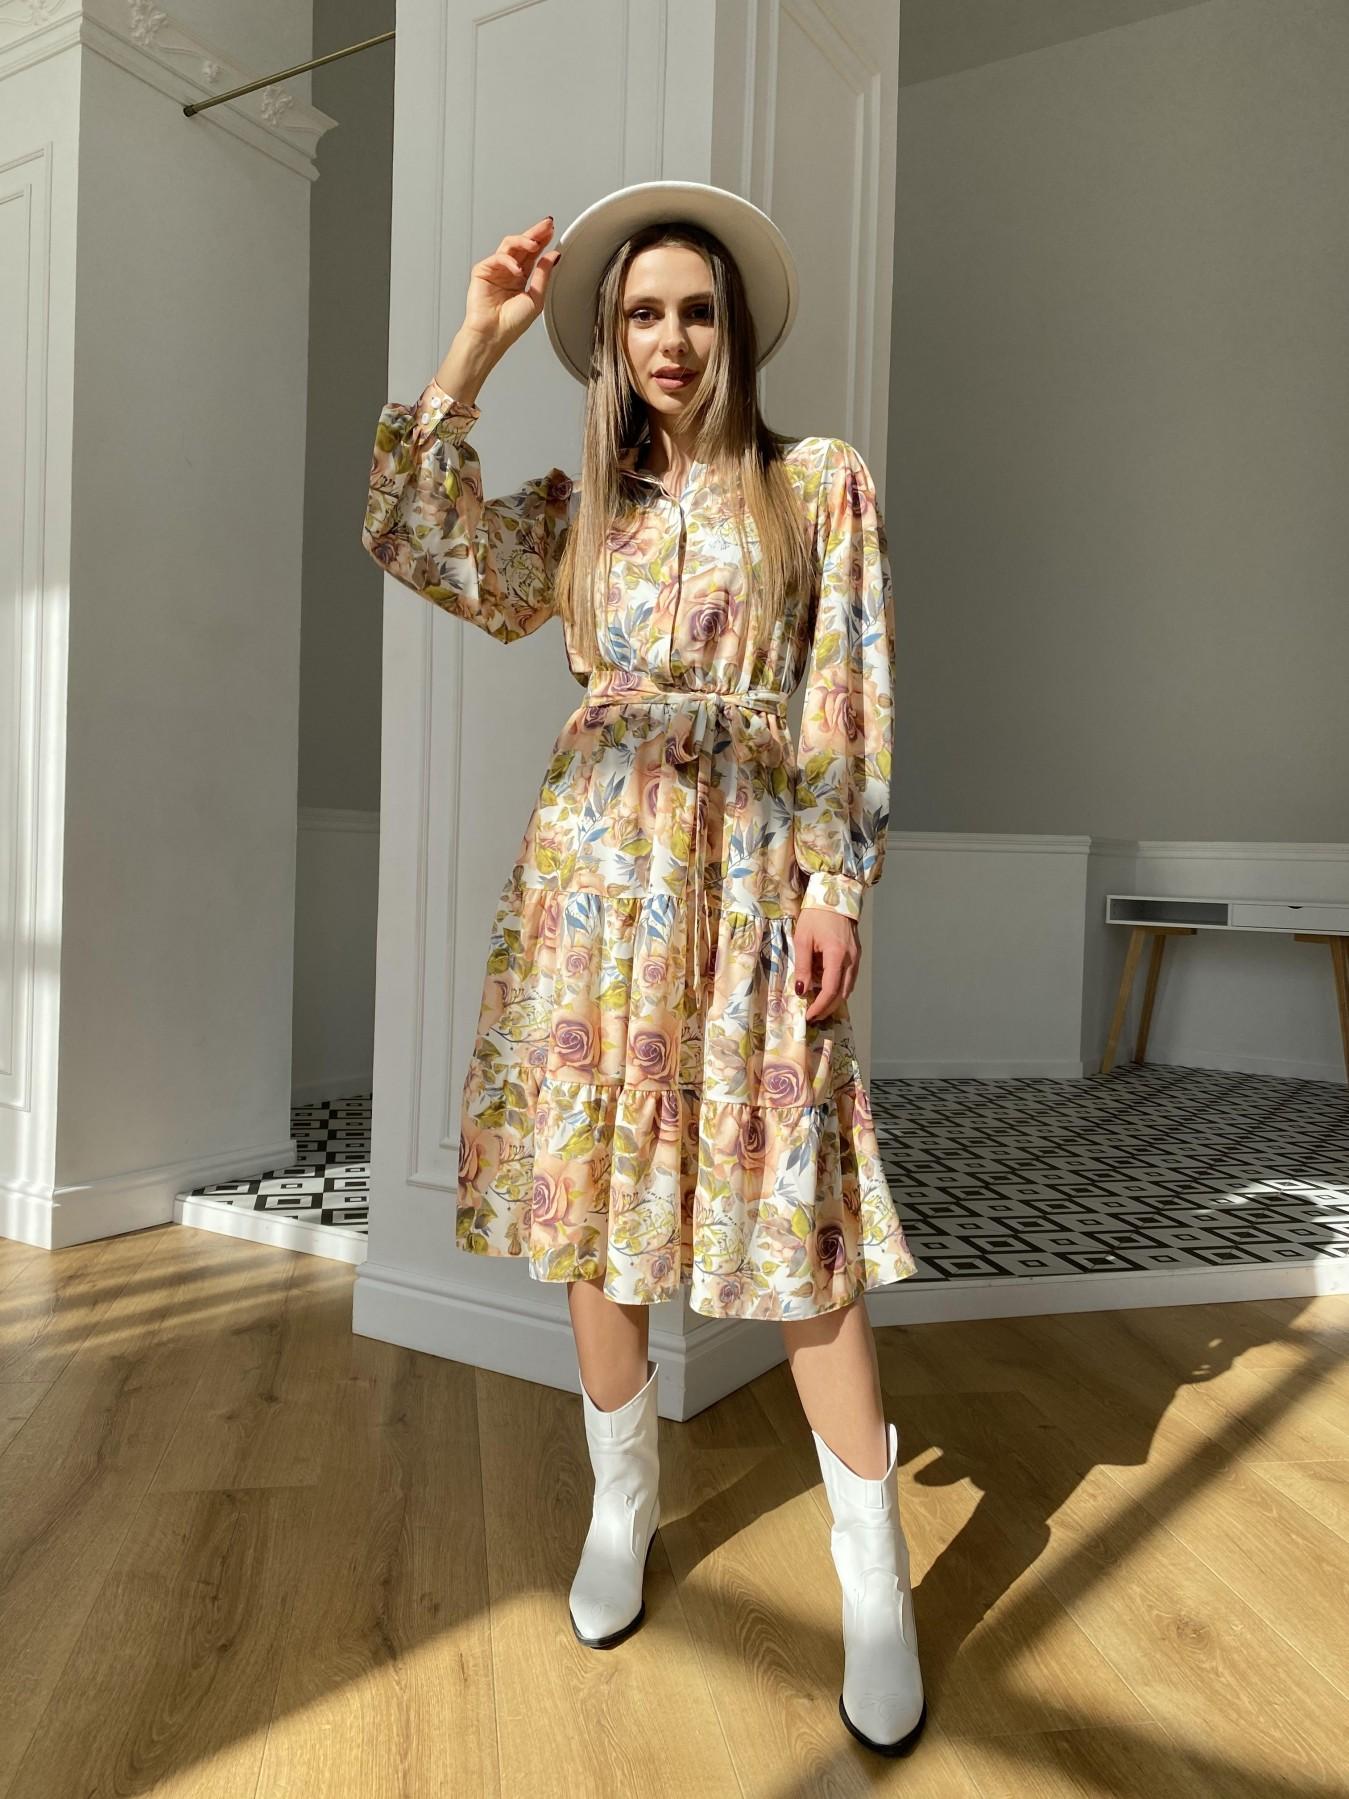 Лилия платье  софт принт бистрейч 11171 АРТ. 47666 Цвет: КрупРозаМолок/Персик - фото 1, интернет магазин tm-modus.ru